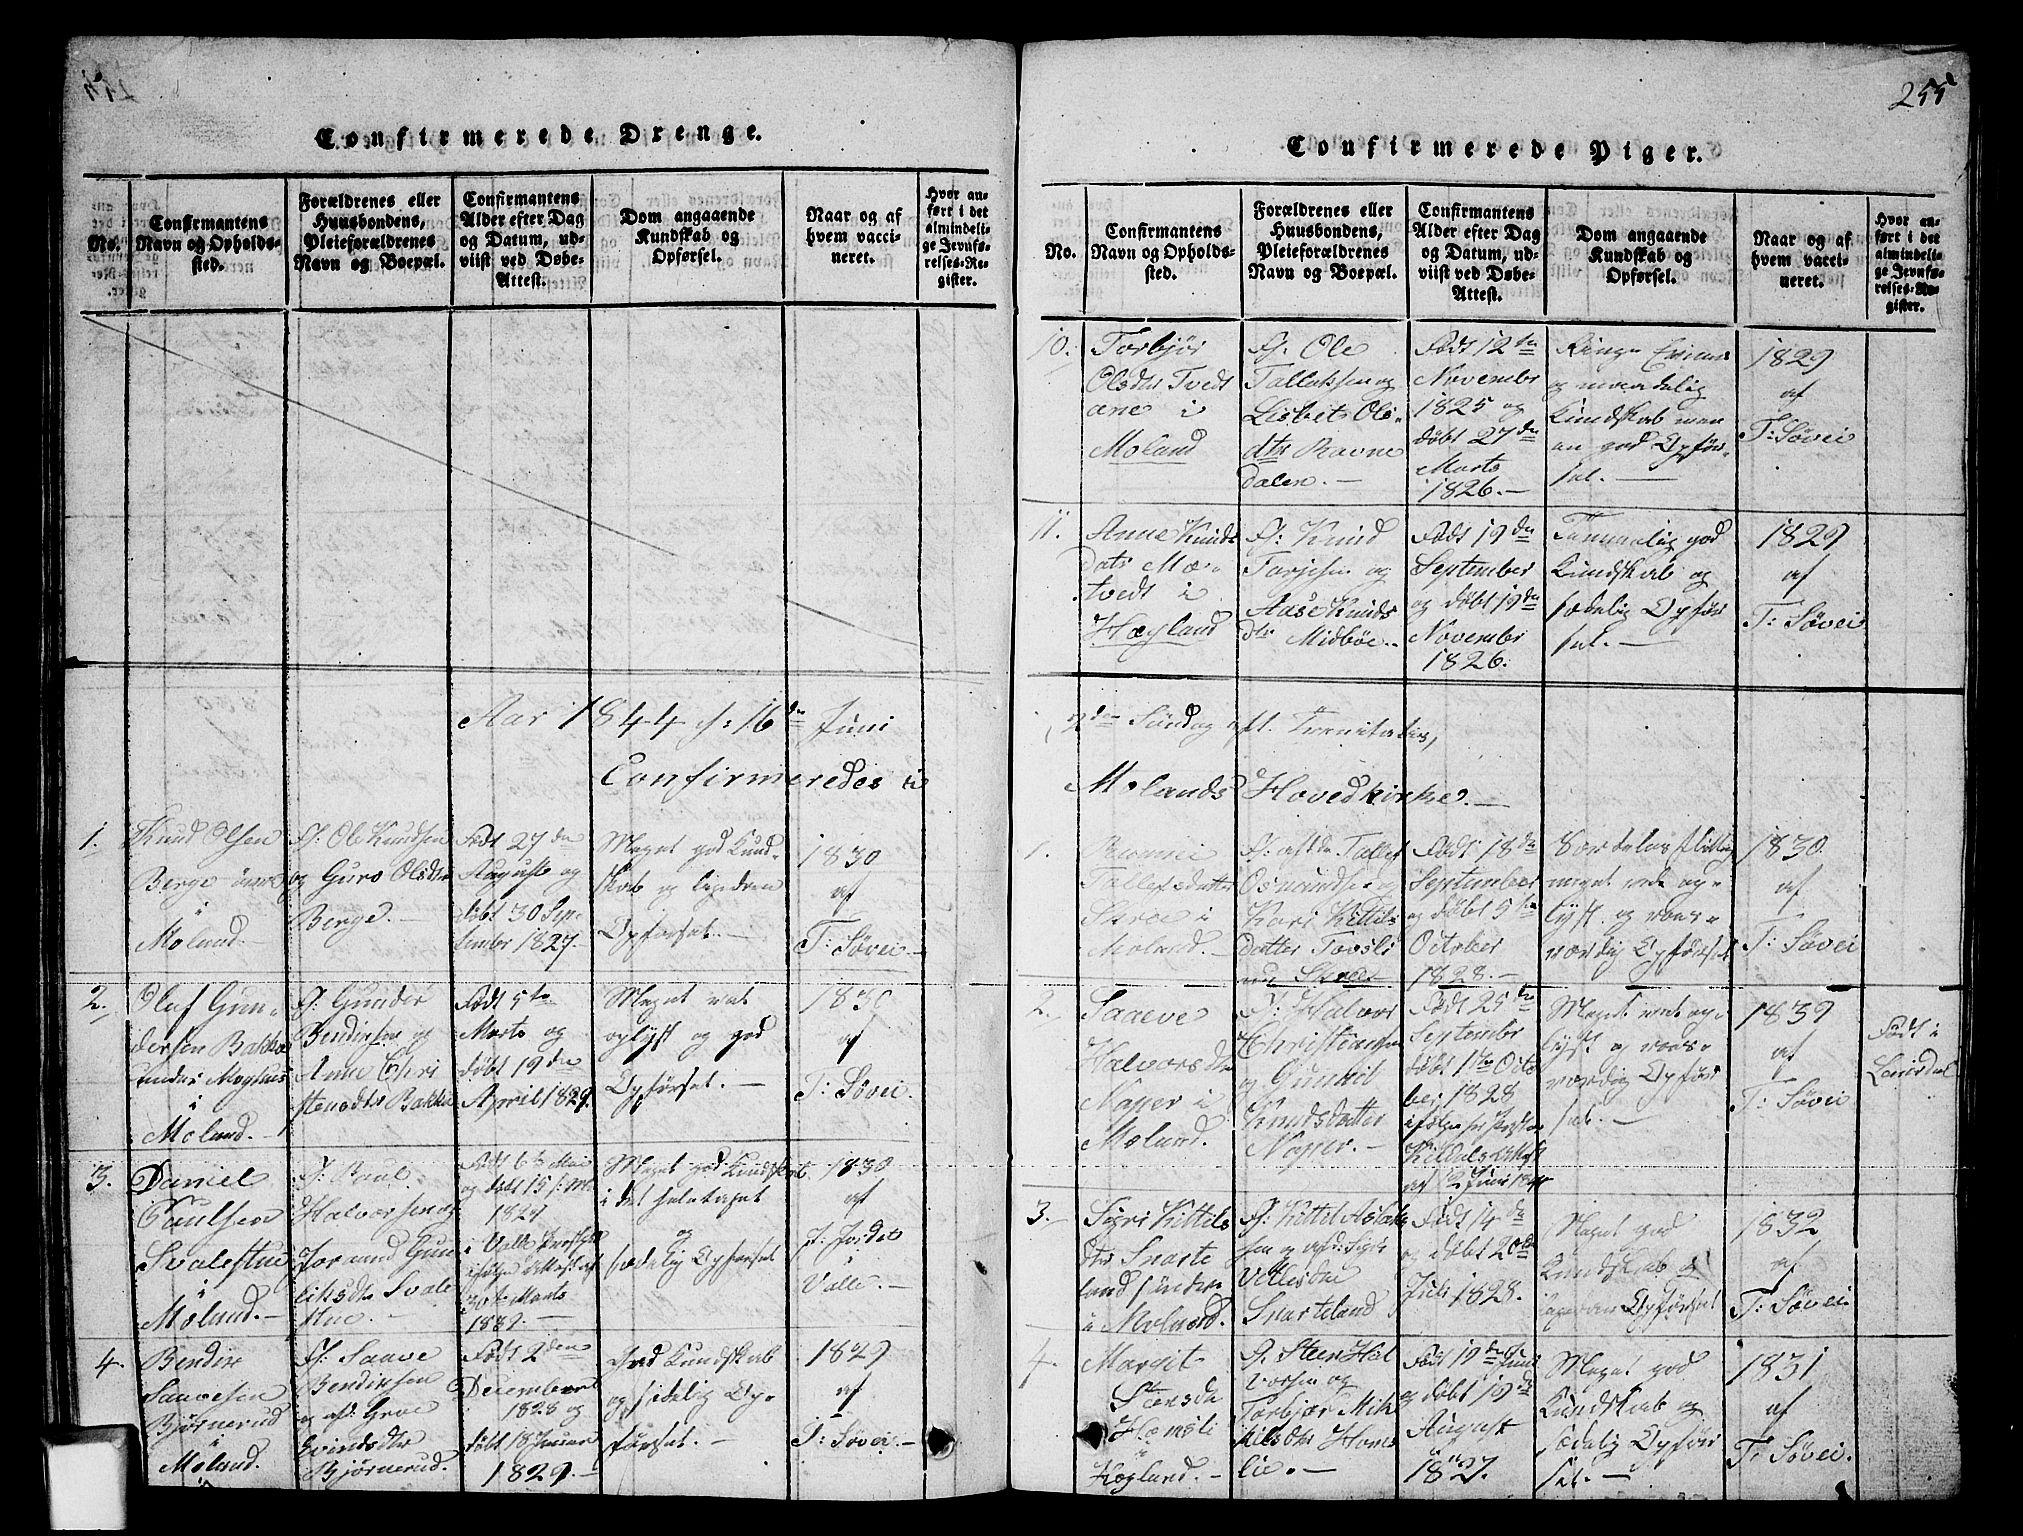 SAKO, Fyresdal kirkebøker, G/Ga/L0002: Klokkerbok nr. I 2, 1815-1857, s. 255